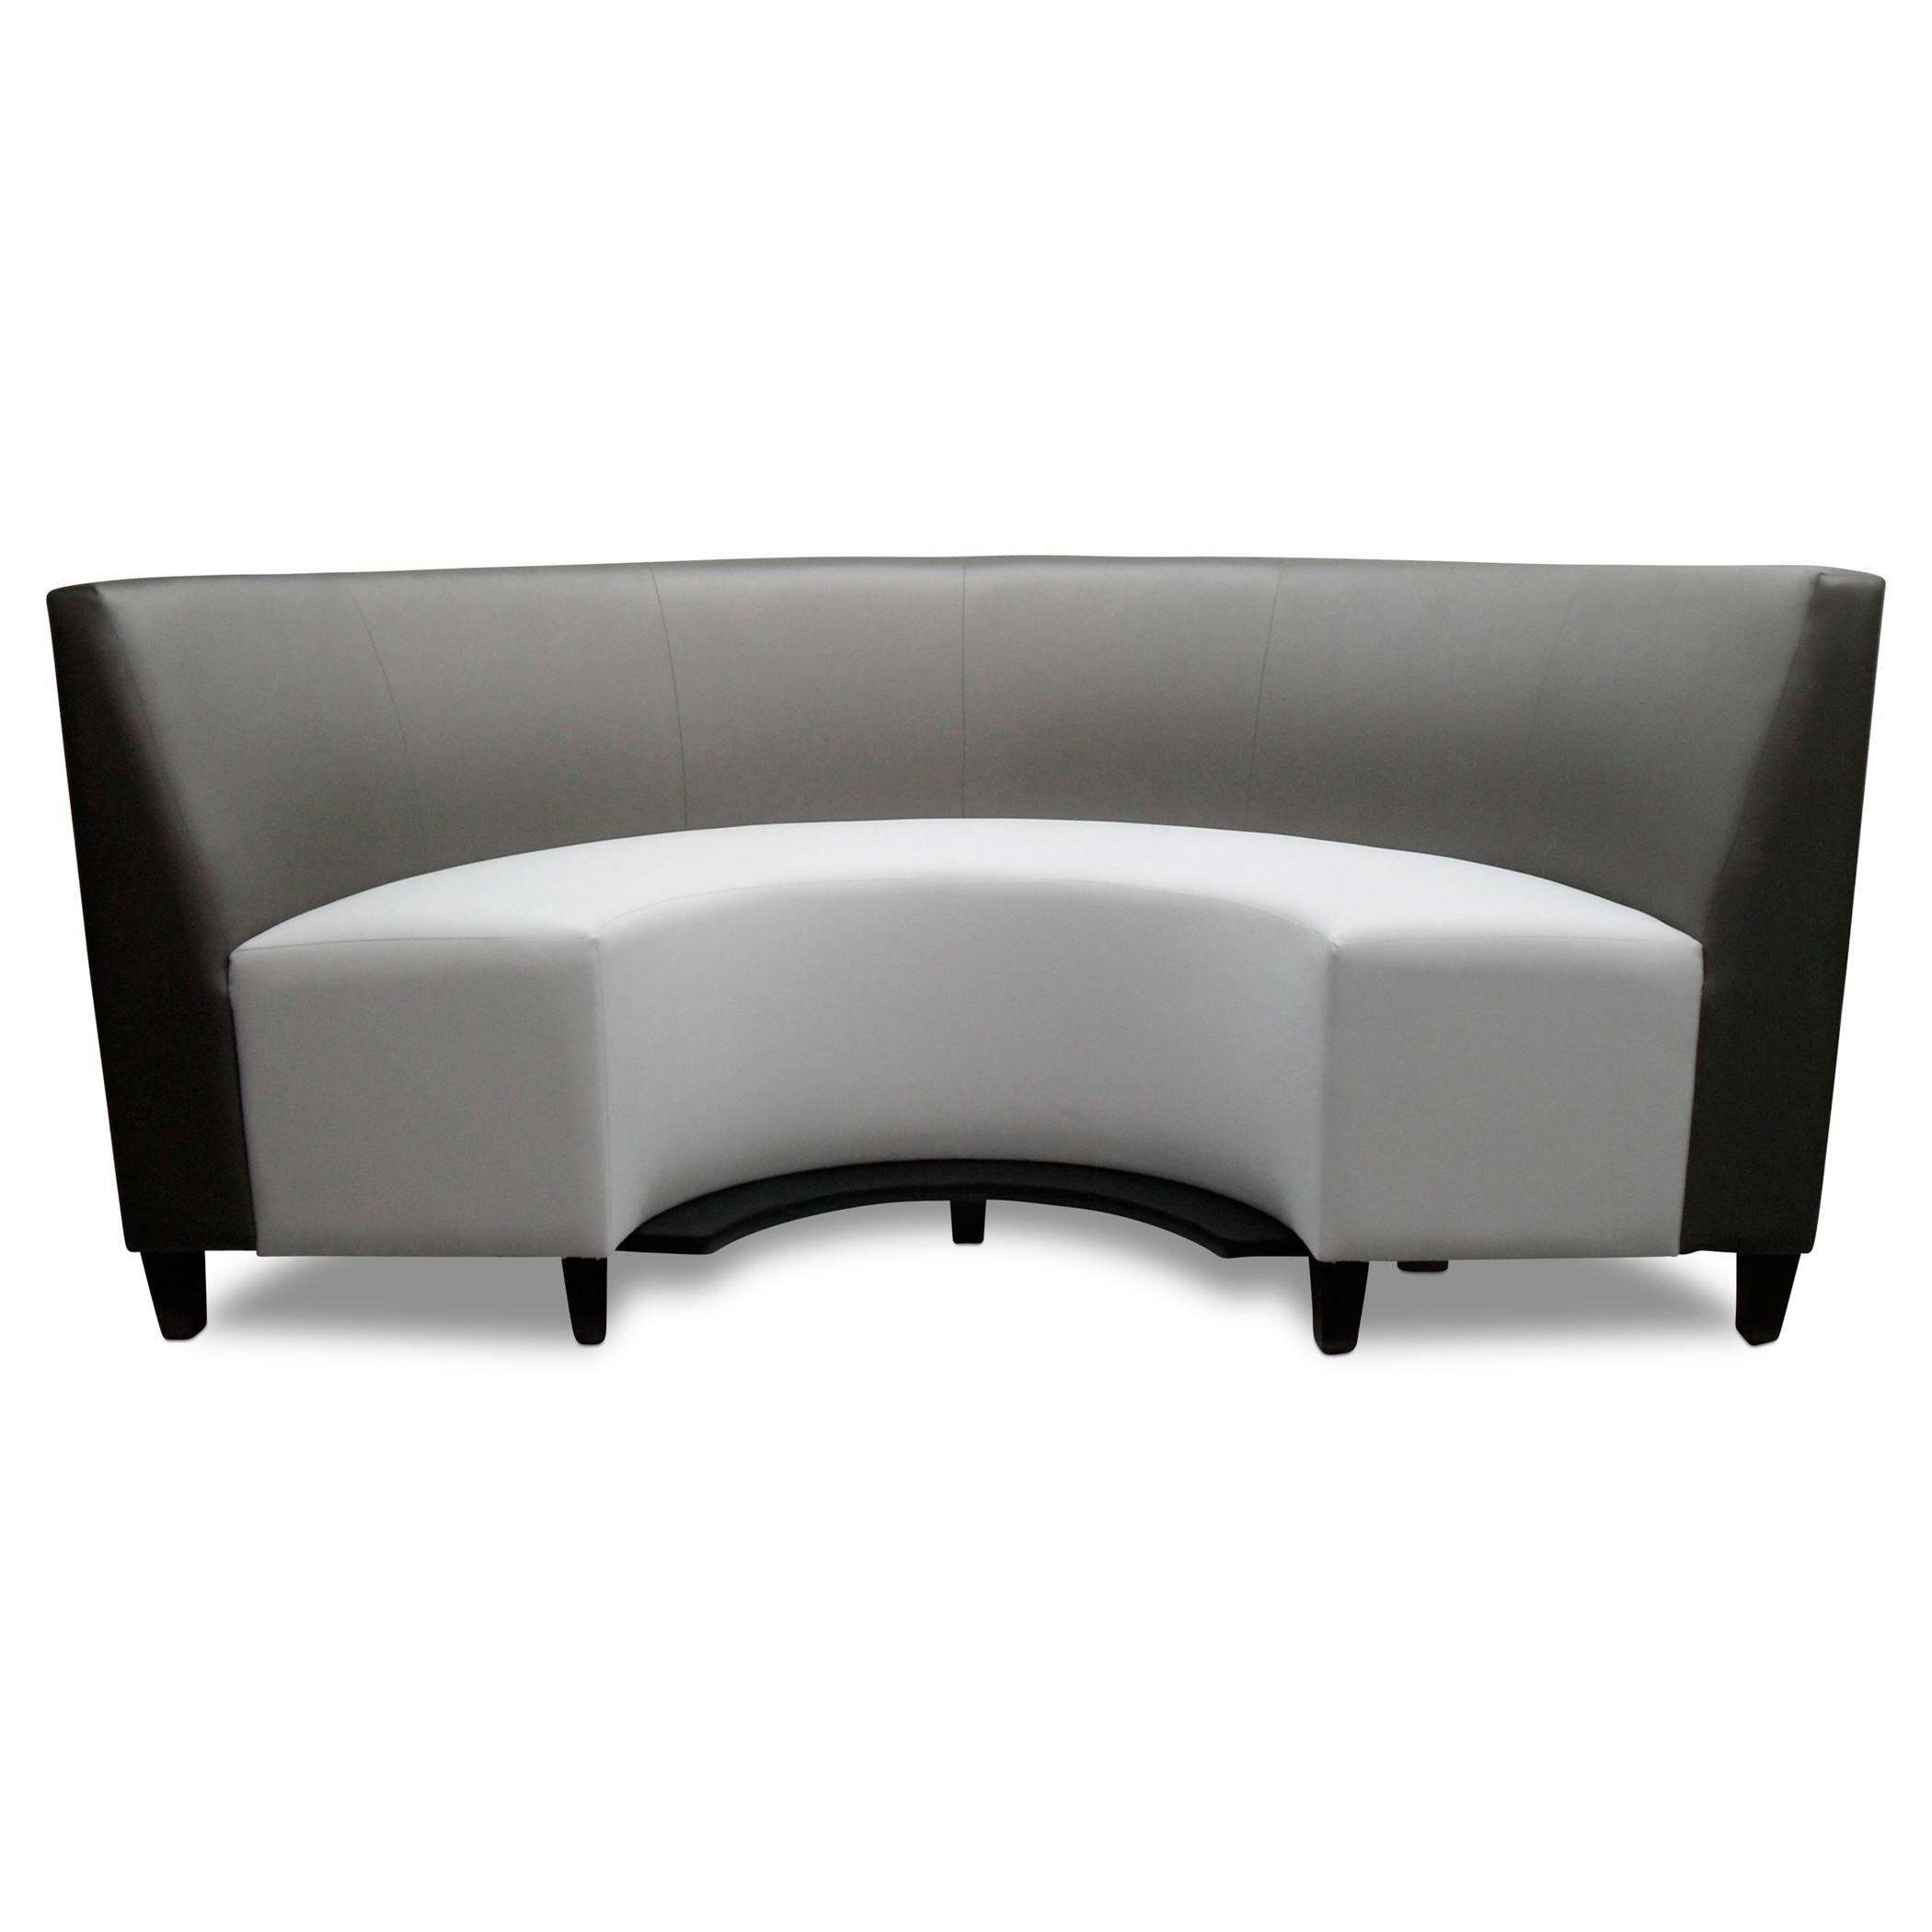 1/2 CIRCLE SEAT